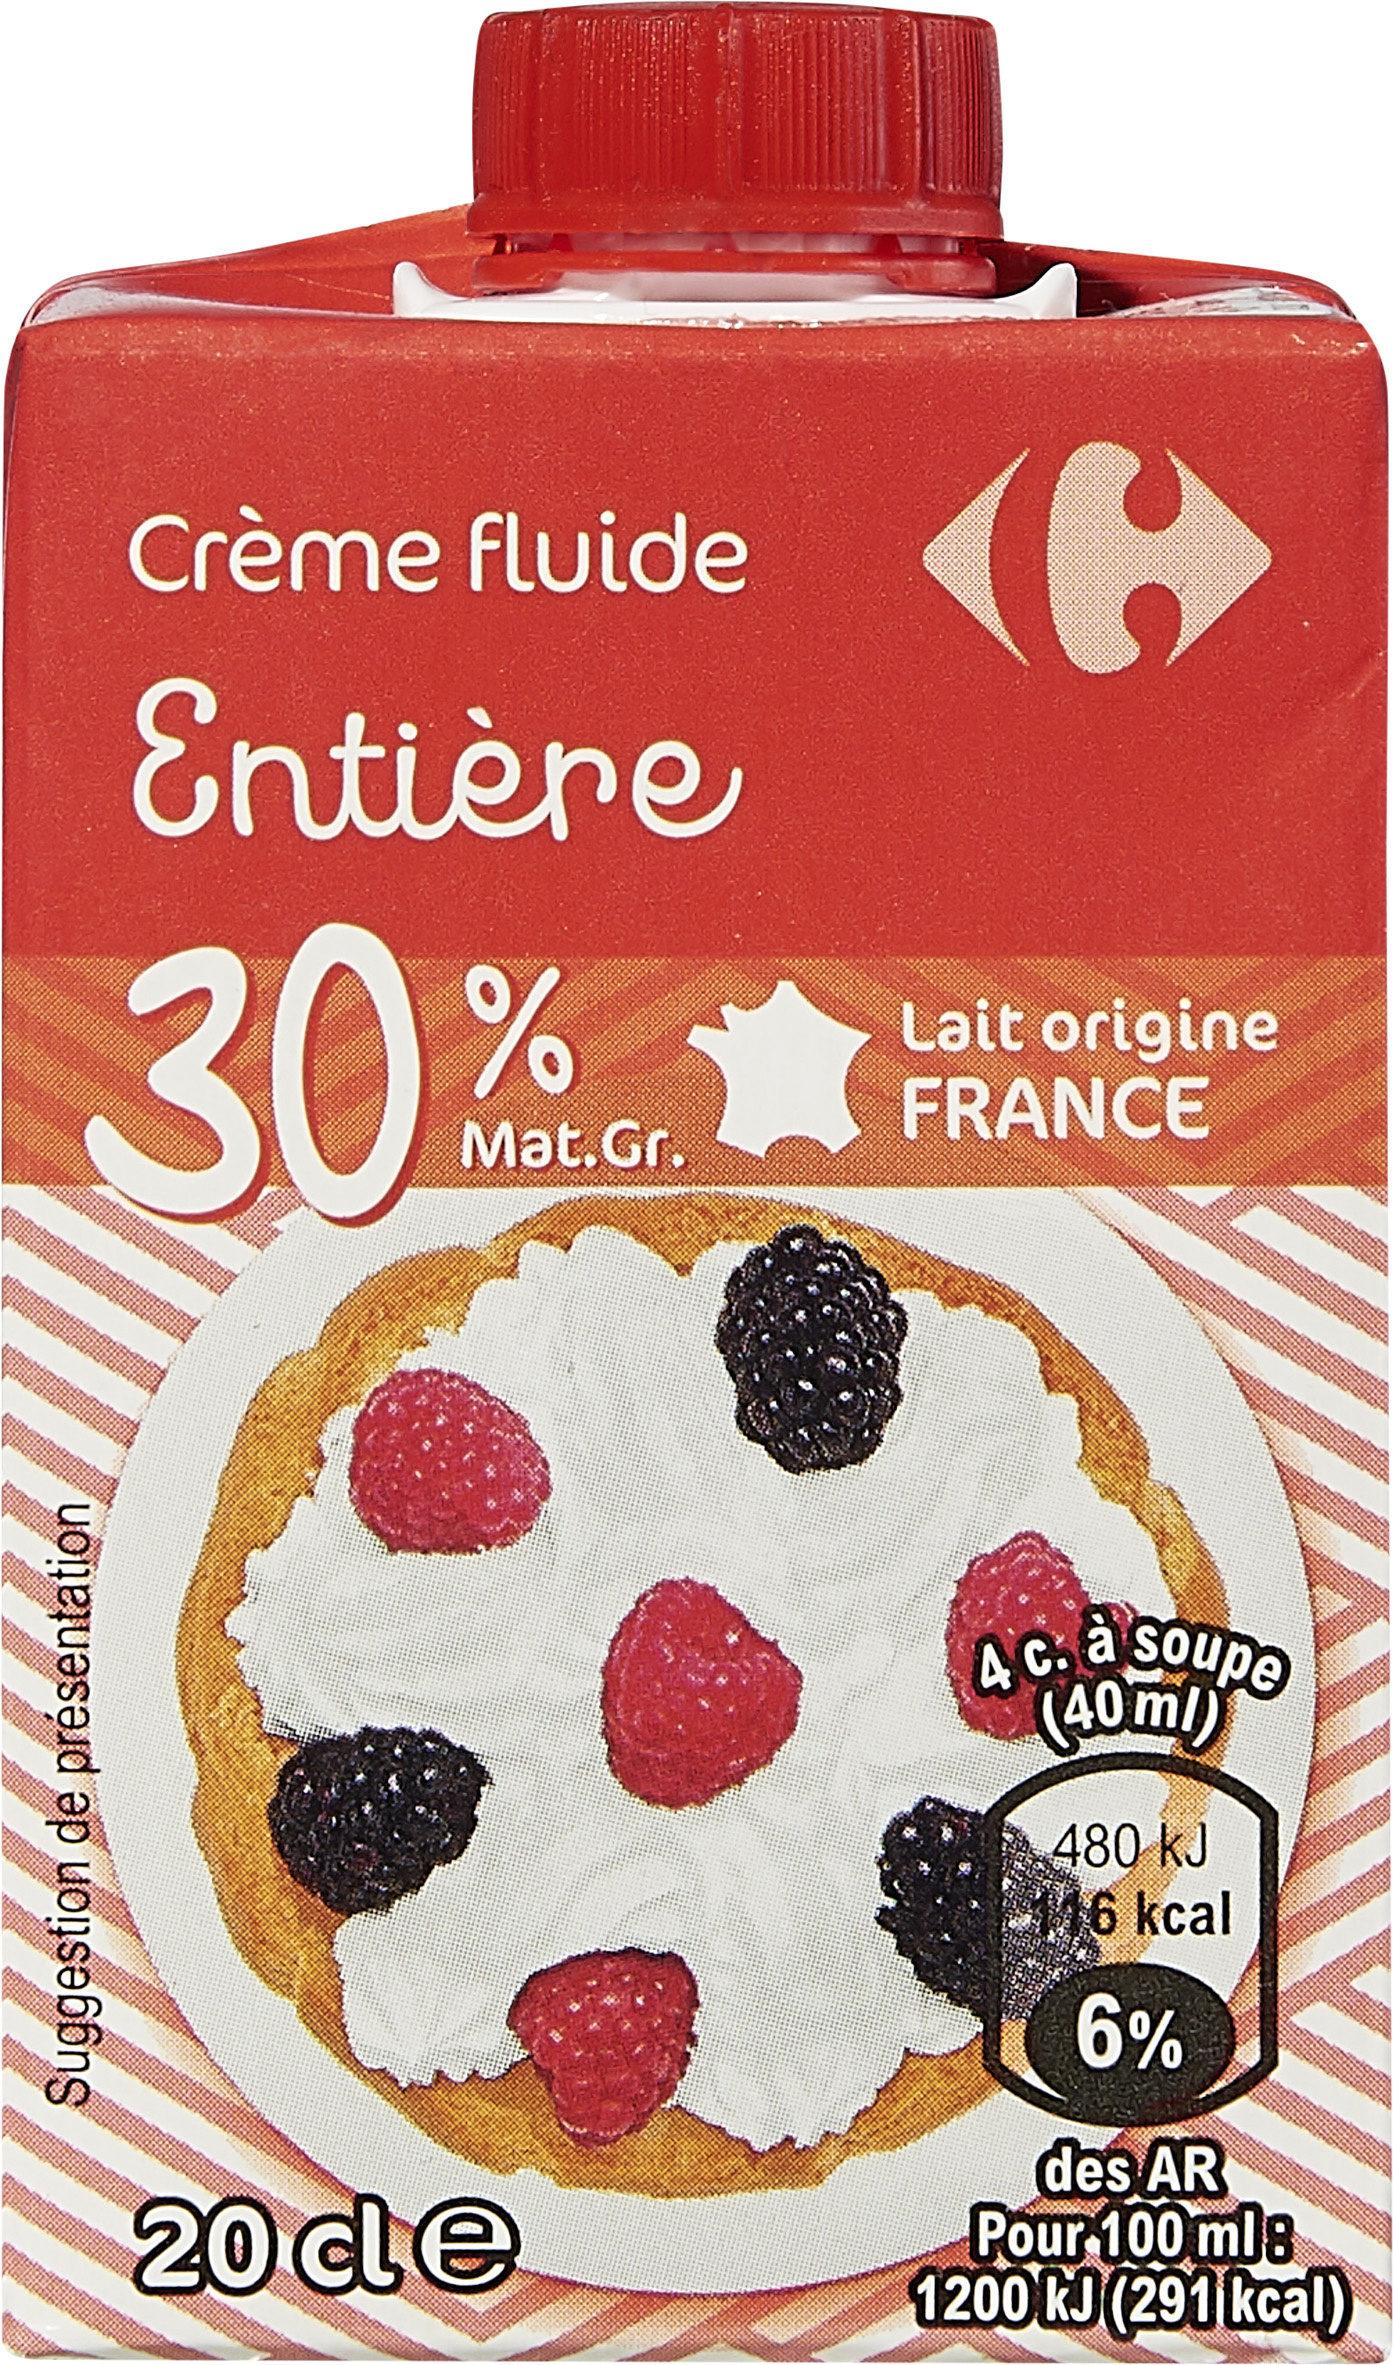 48e4f87147b Crème fluide Entière - Carrefour - 20 cl